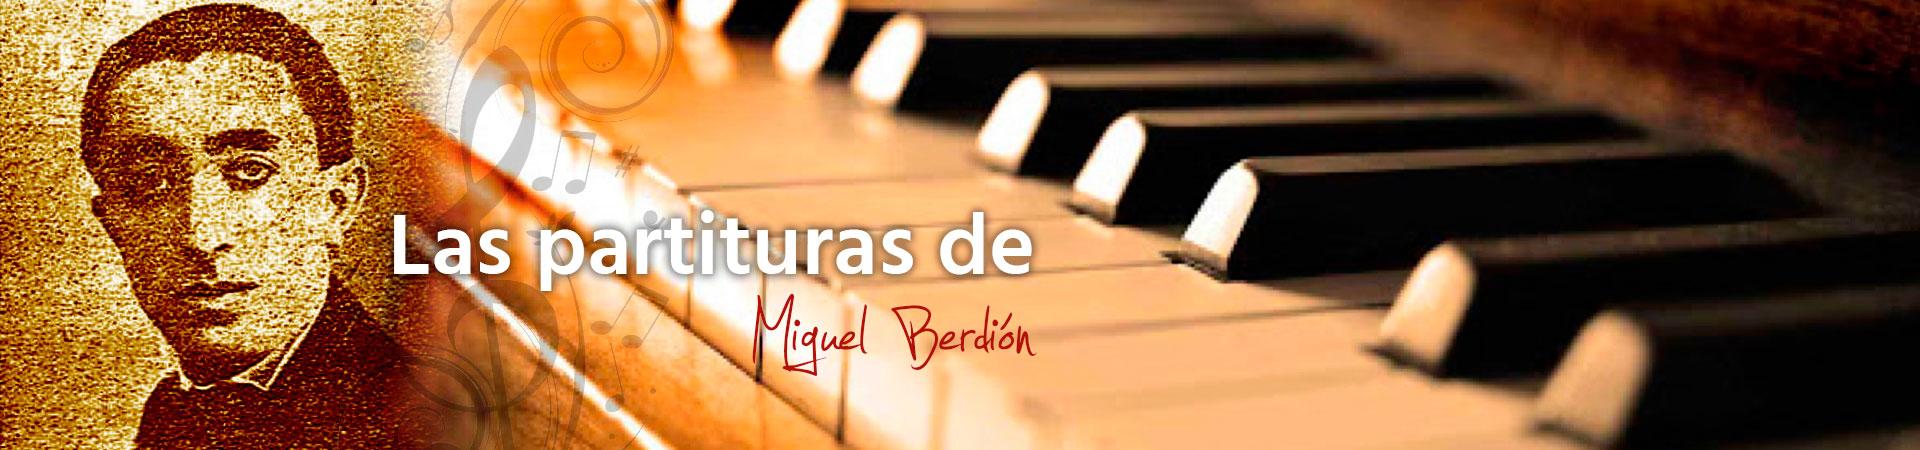 Las partituras de Miguel Berdión